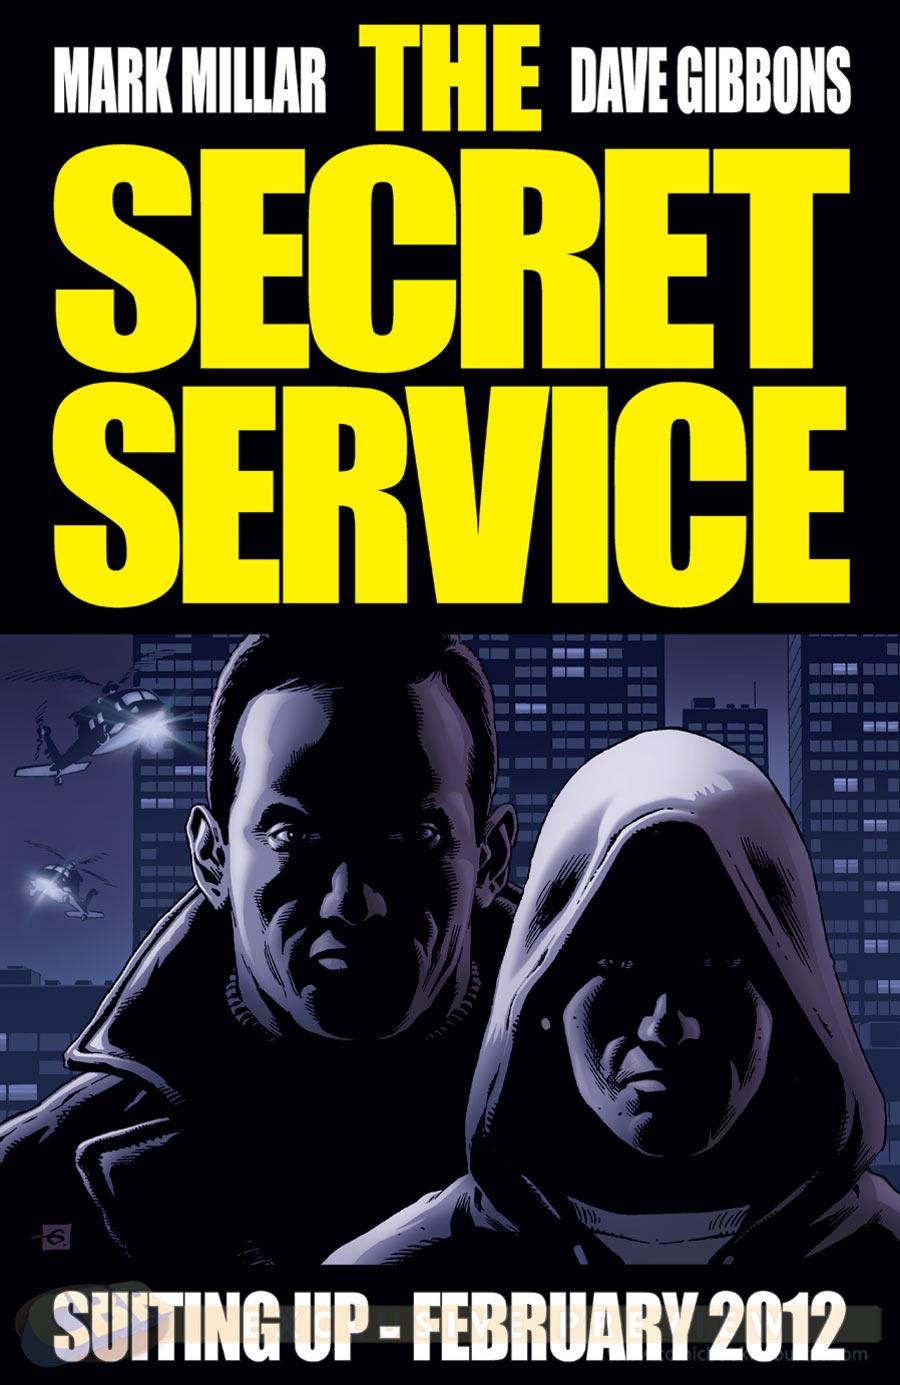 מארק מילאר גם כתב את הסדרה Secret Service, שגם תעובד לקולנוע, ואותה ניתן למצוא כאן